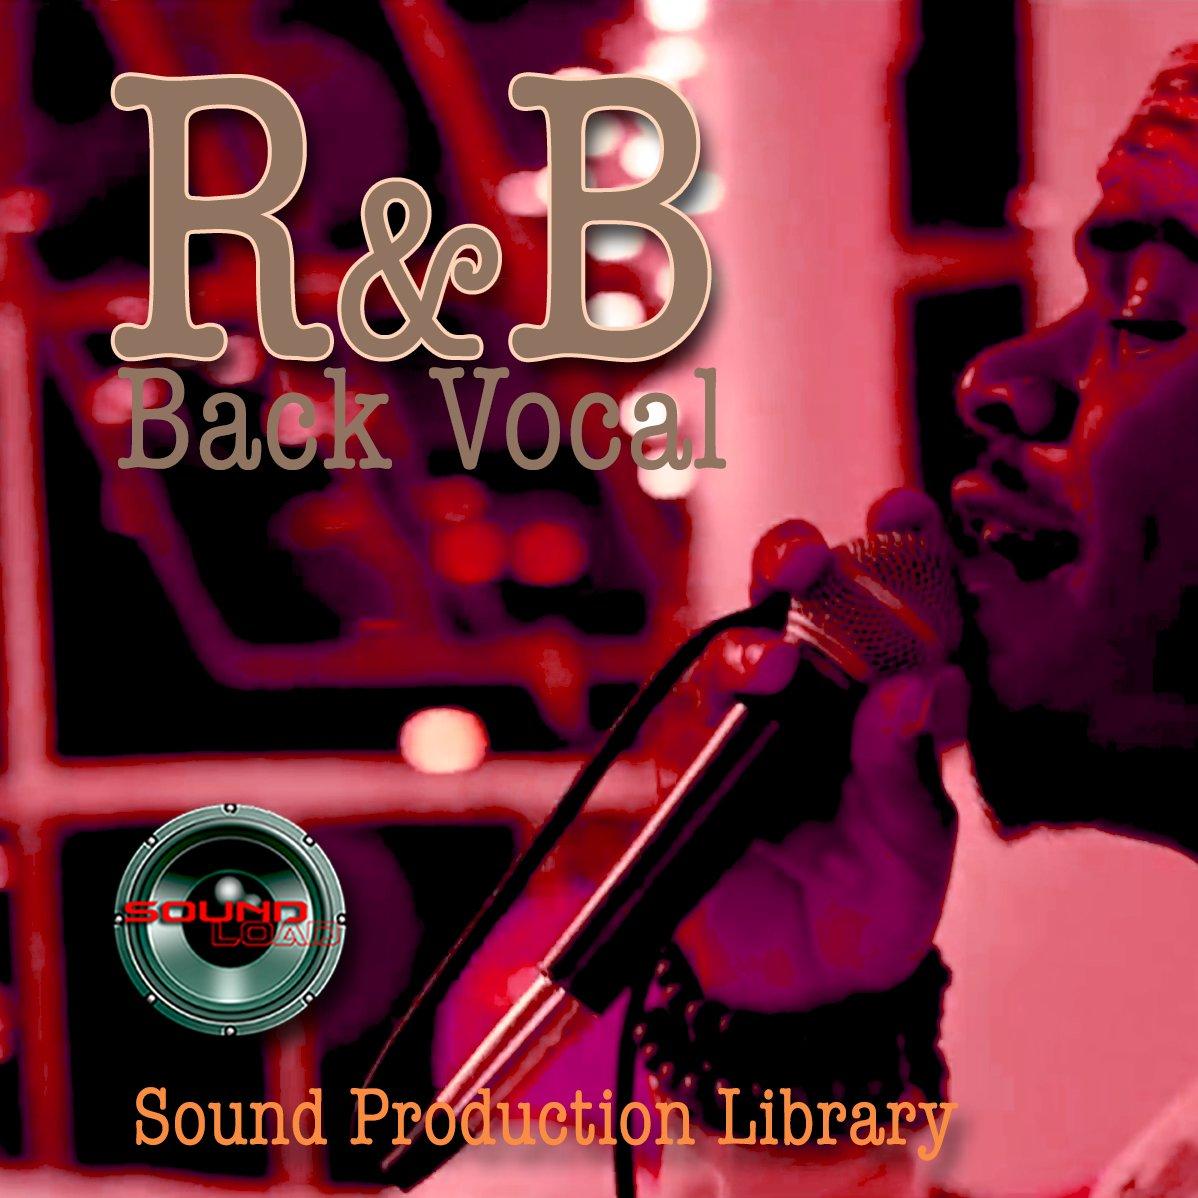 FUNKY BACK VOCAL - Large Unique Multi-Layer Studio WAV/Kontakt Samples Library DVD or download by SoundLoad (Image #4)